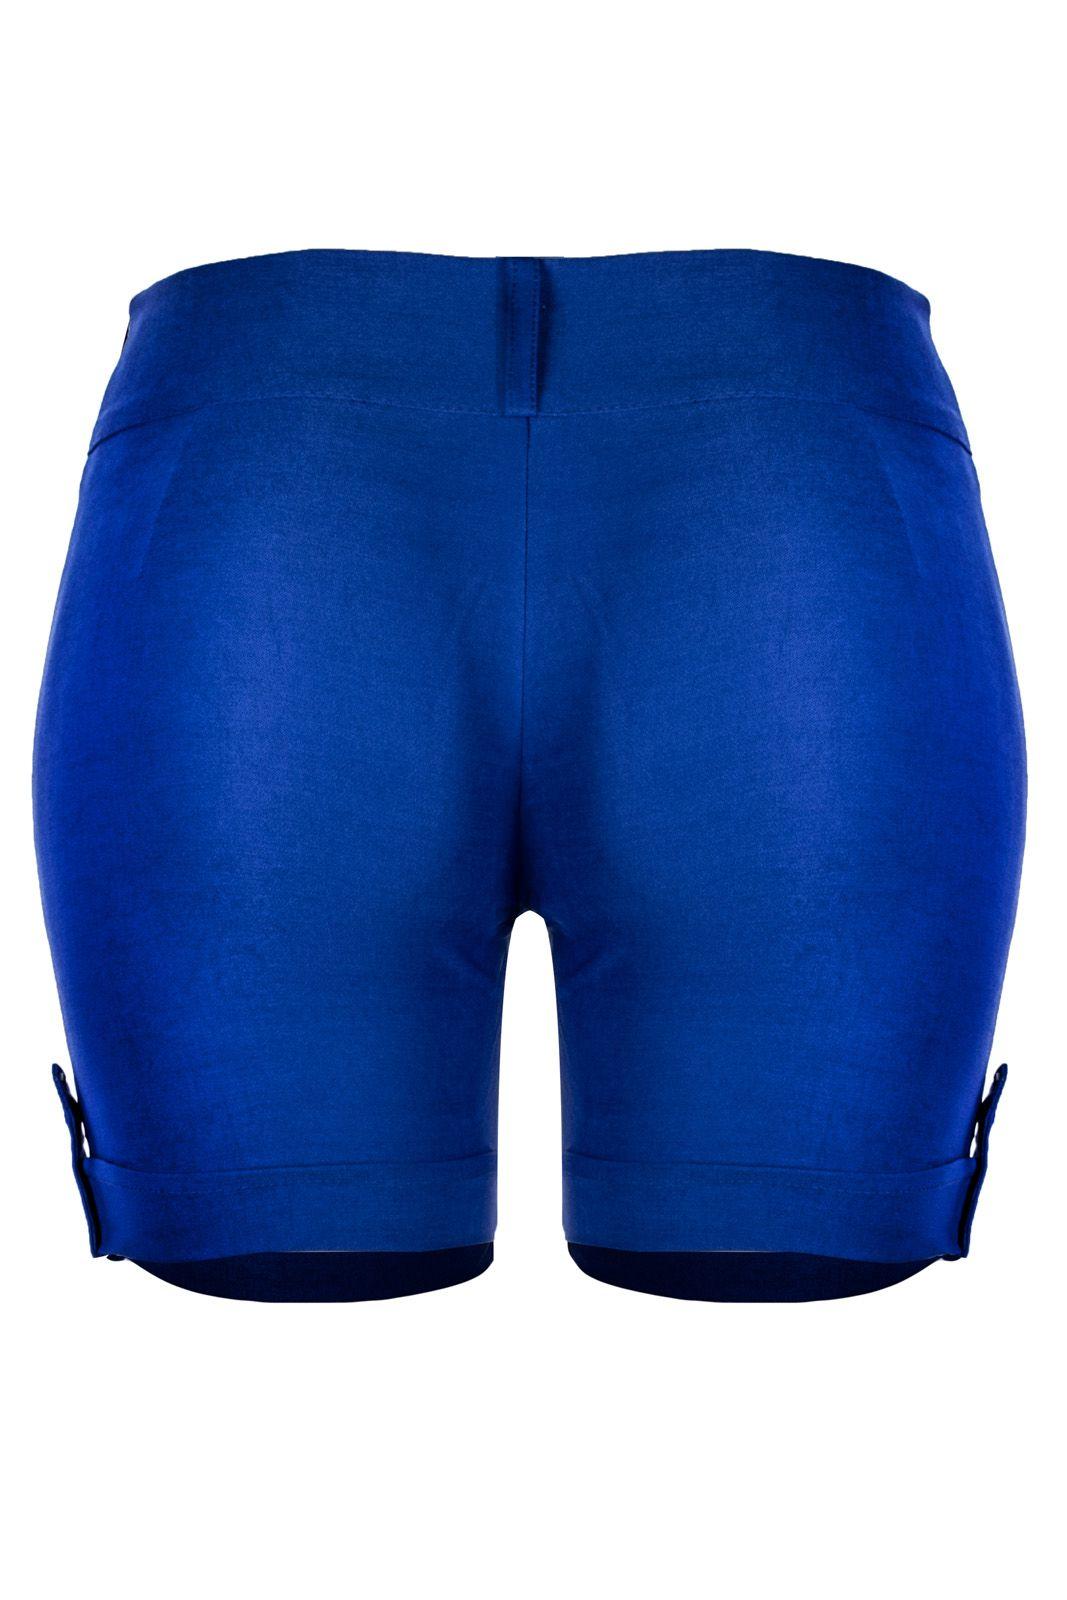 Bermuda Outlet Dri Casual 2 Botões Frontais Spike Bolso Azul